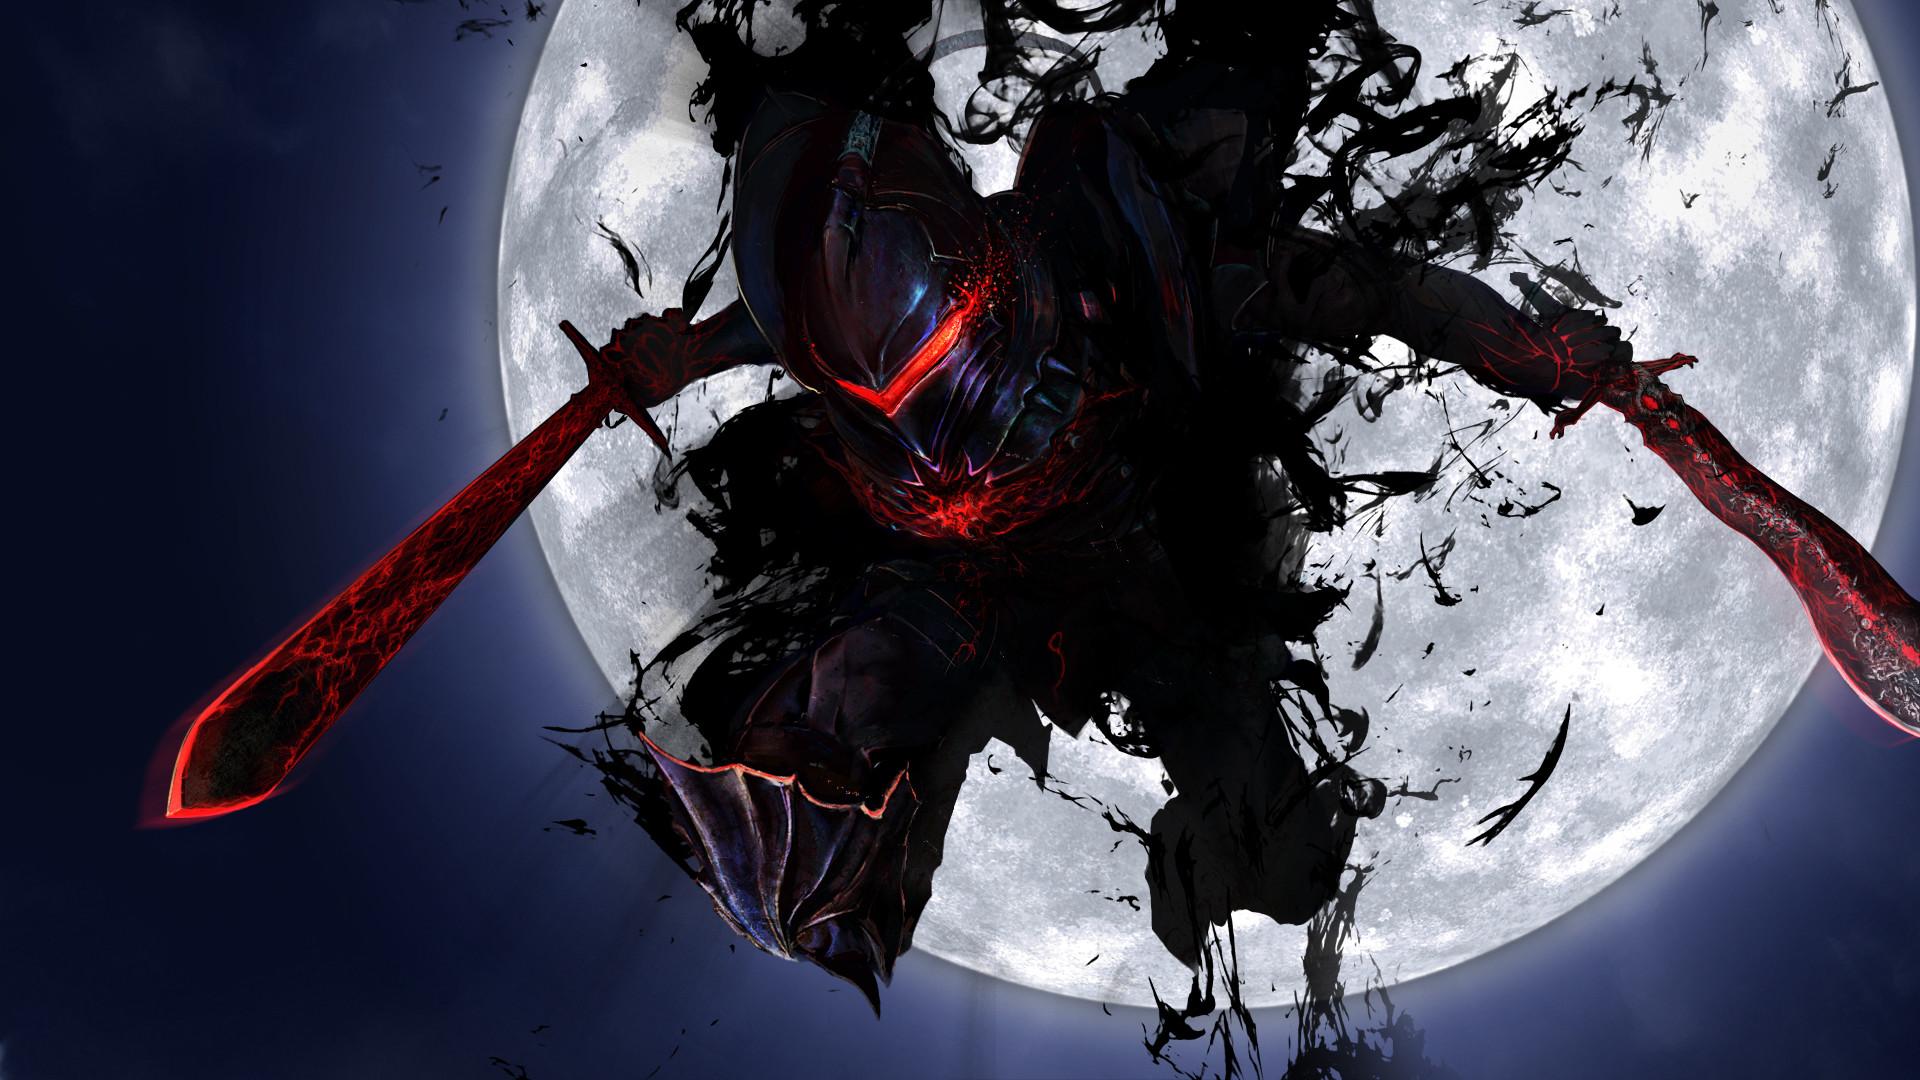 … download Berserker (Fate/zero) image